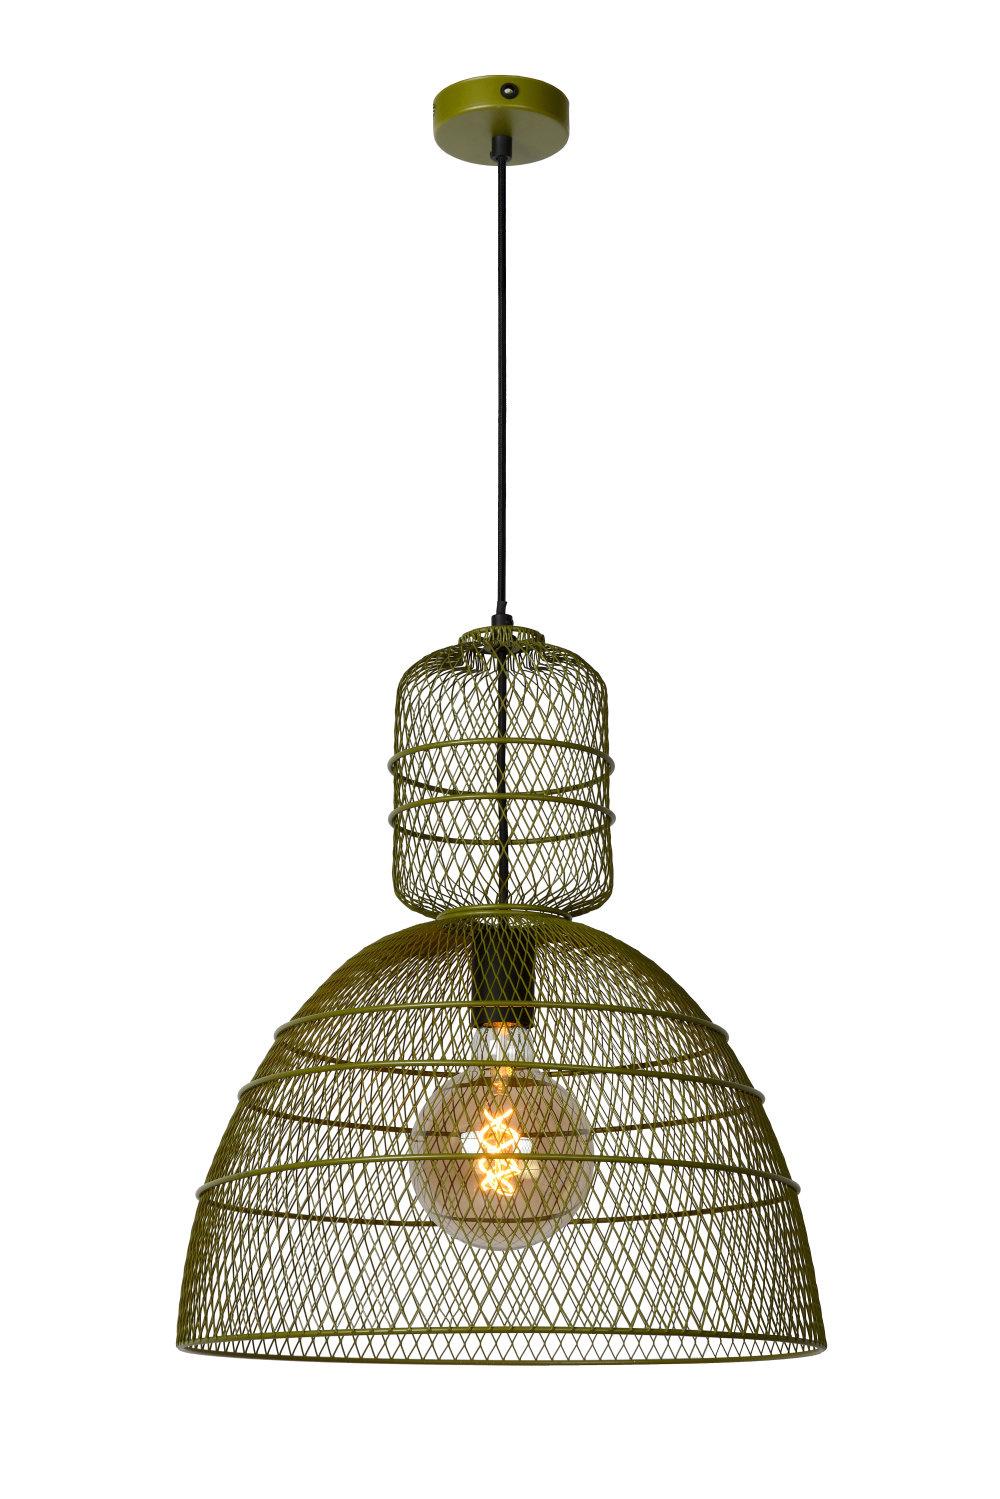 Lucide GASSET Hanglamp-Groen-Ø42,5-1xE27-60W-Metaal